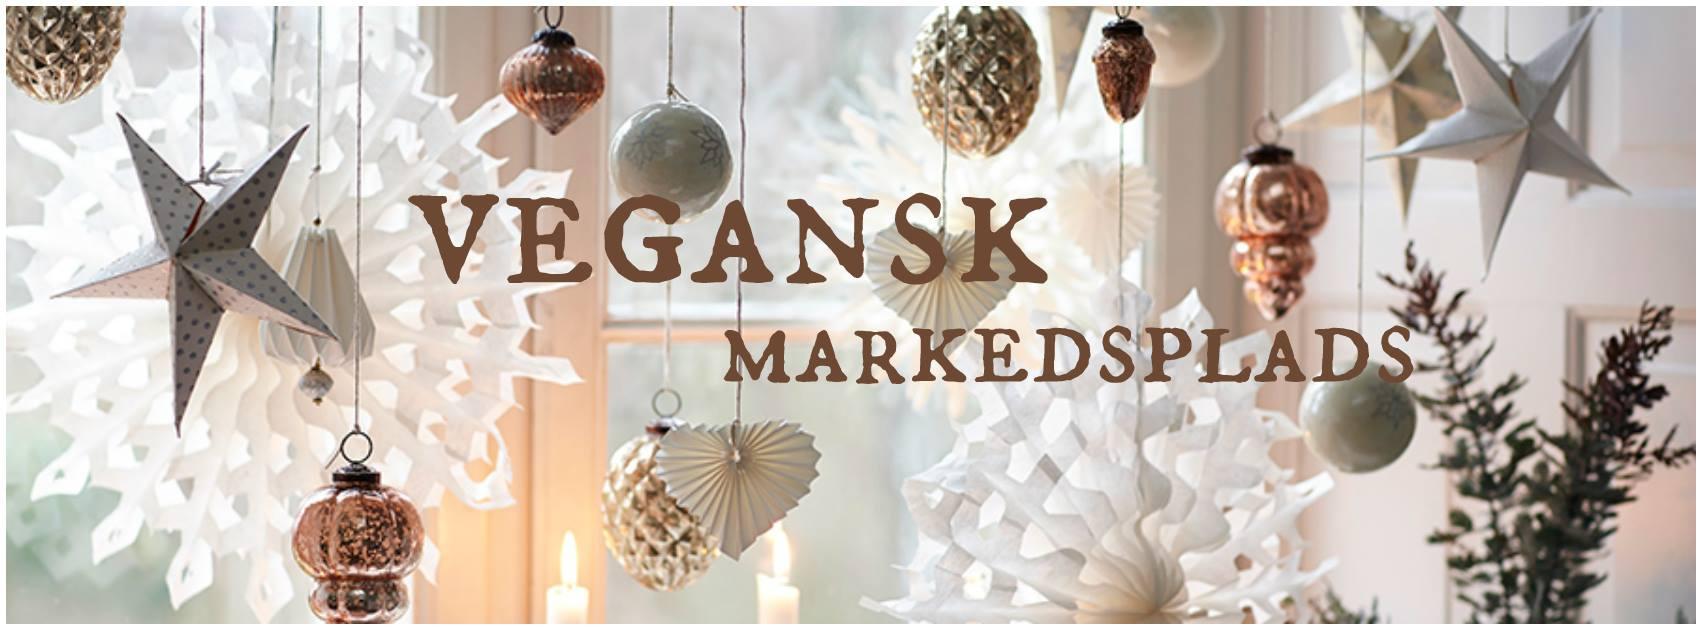 Veganer.nu - Vegansk markedsplads